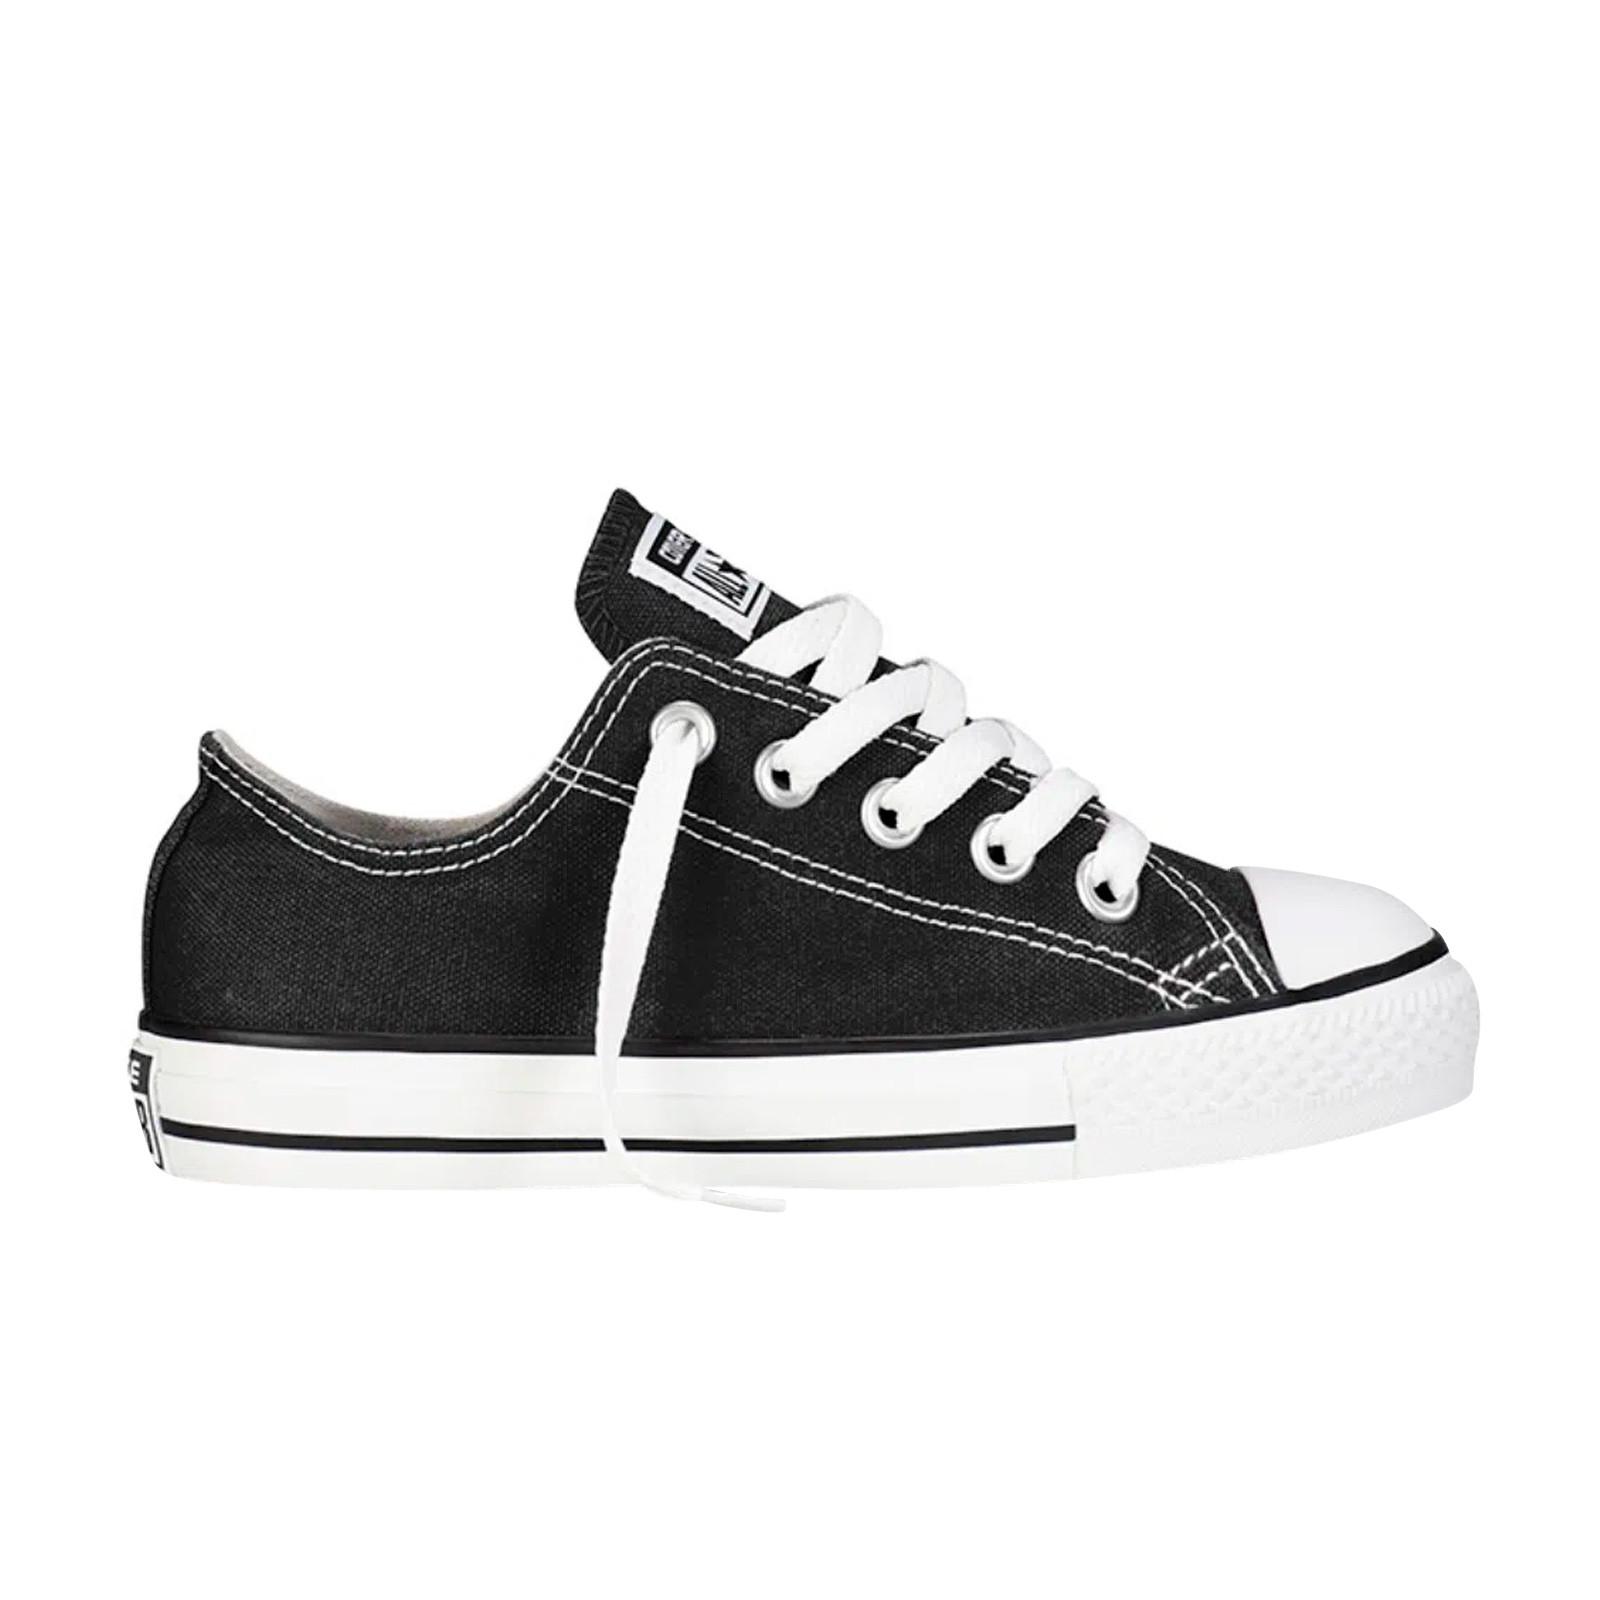 Convención Menstruación cómo utilizar  Zapatillas Converse Yths C/T All Star Ox Black E2014 Urbano para Niño |  Runa Store